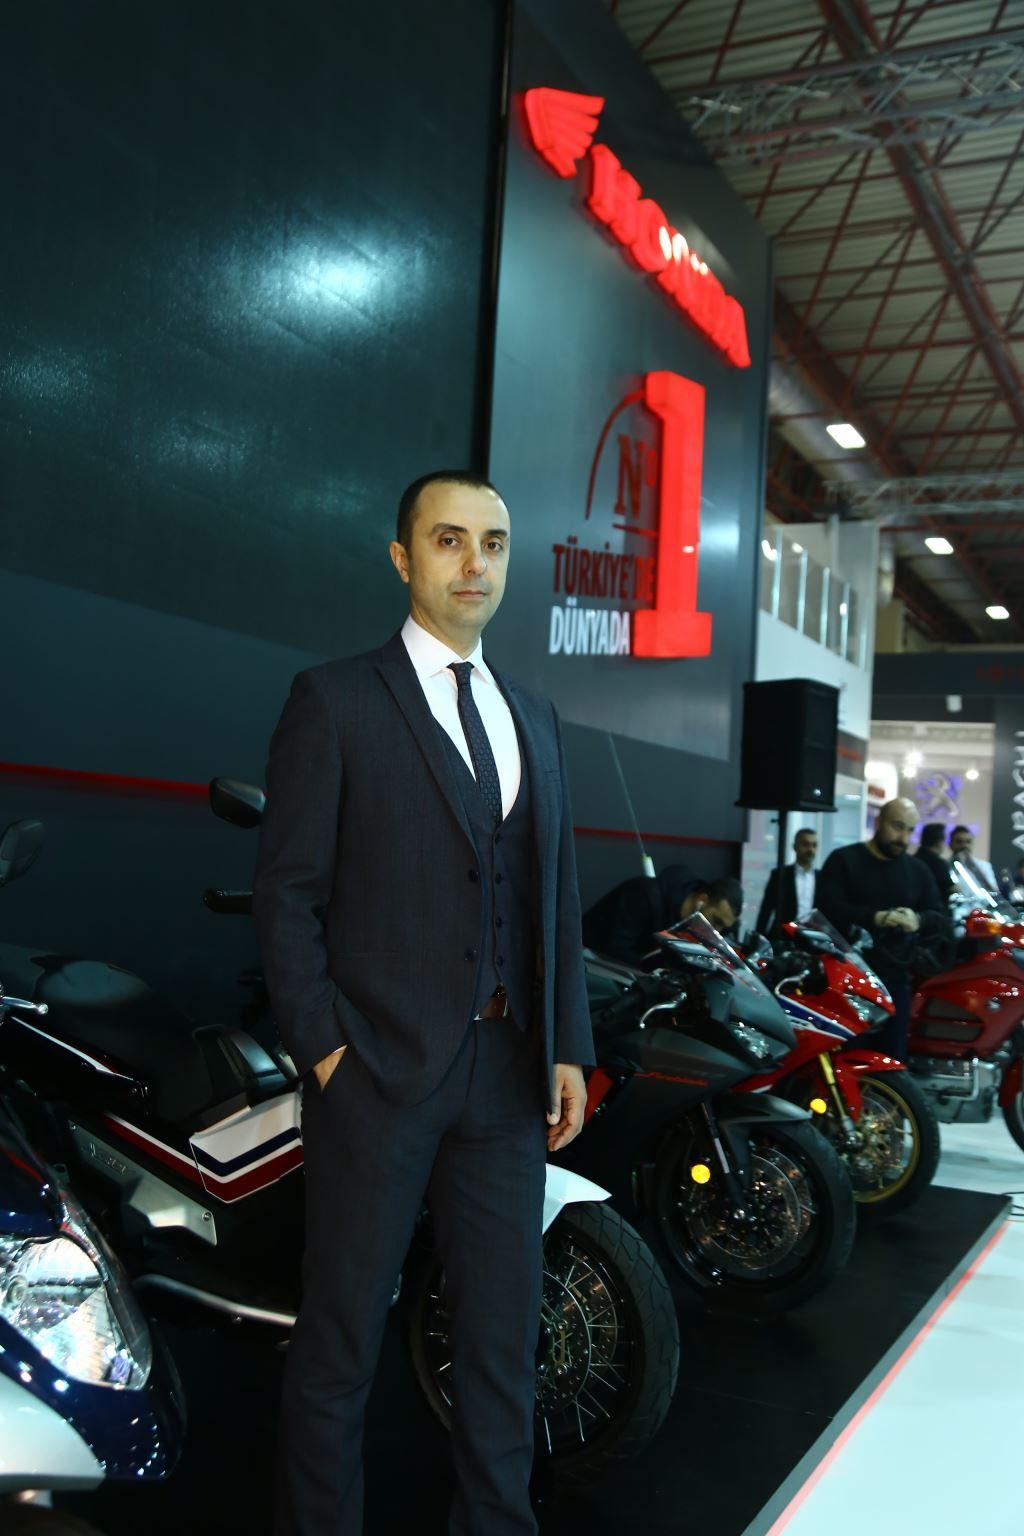 Honda Motosiklet'ten Basın Açıklaması ve Pazar Değerlendirmesi! 1. İçerik Fotoğrafı